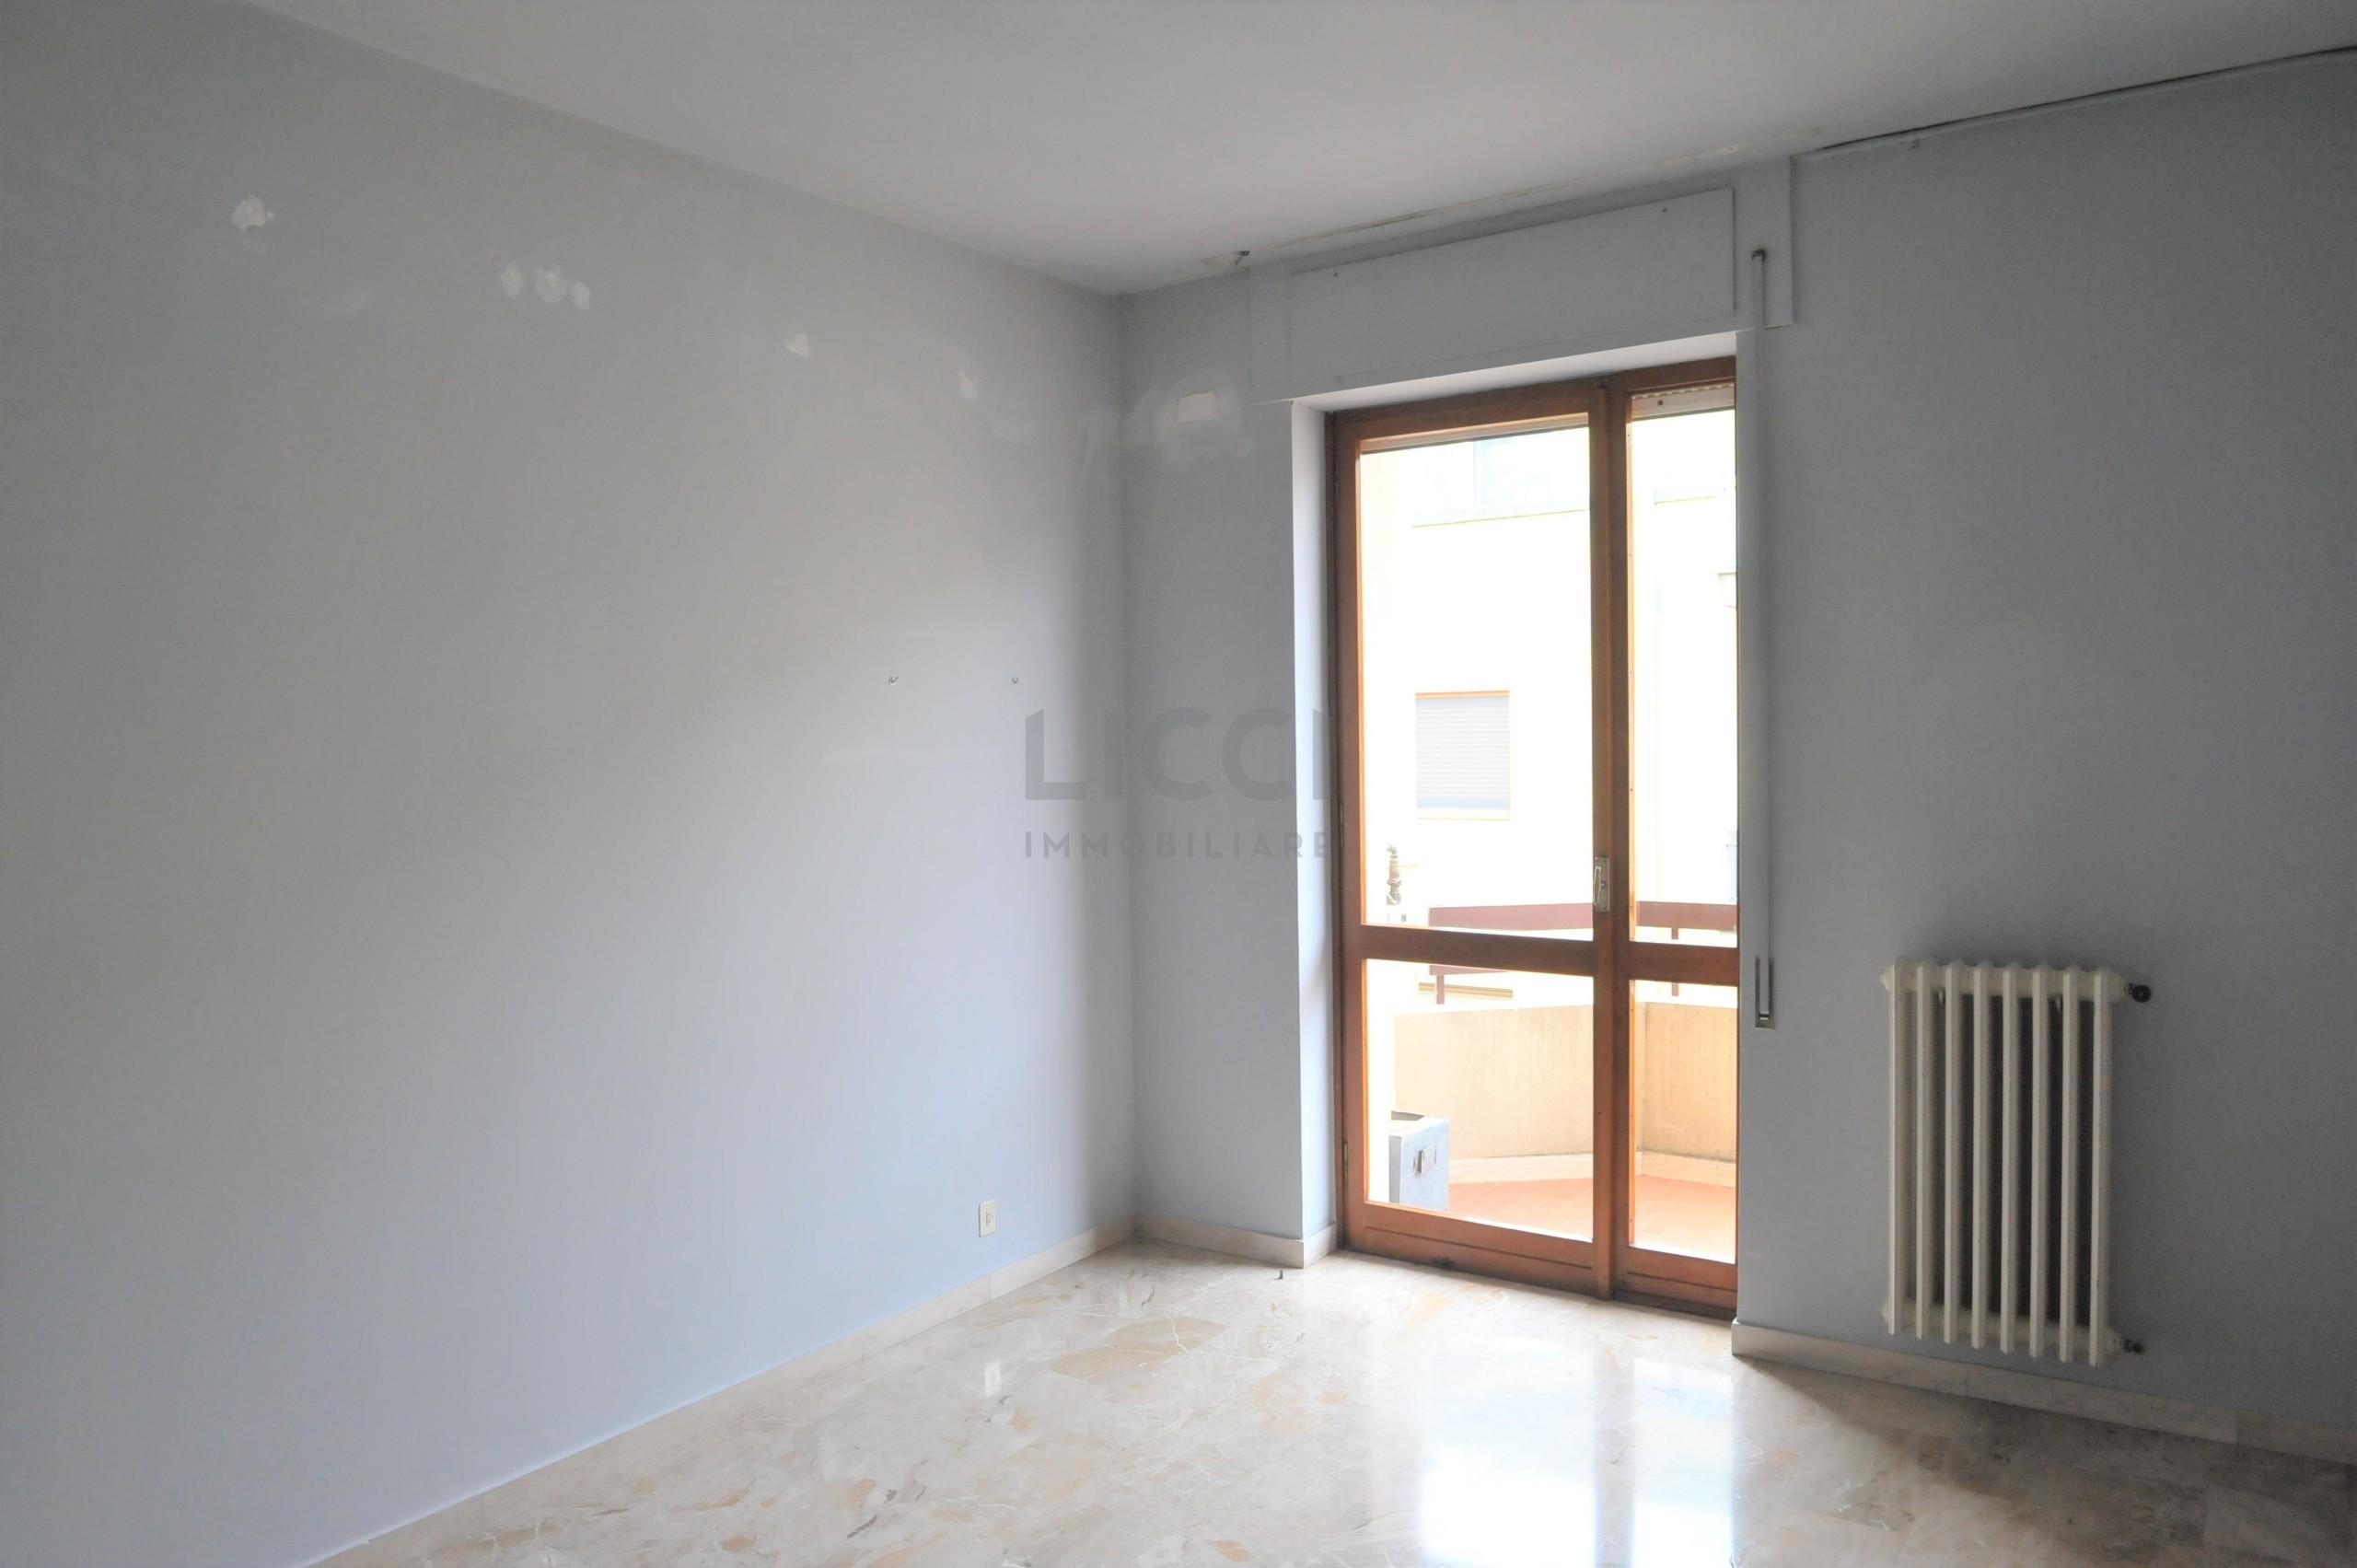 Appartamento a Monopoli Via Marsala 66, Centrale